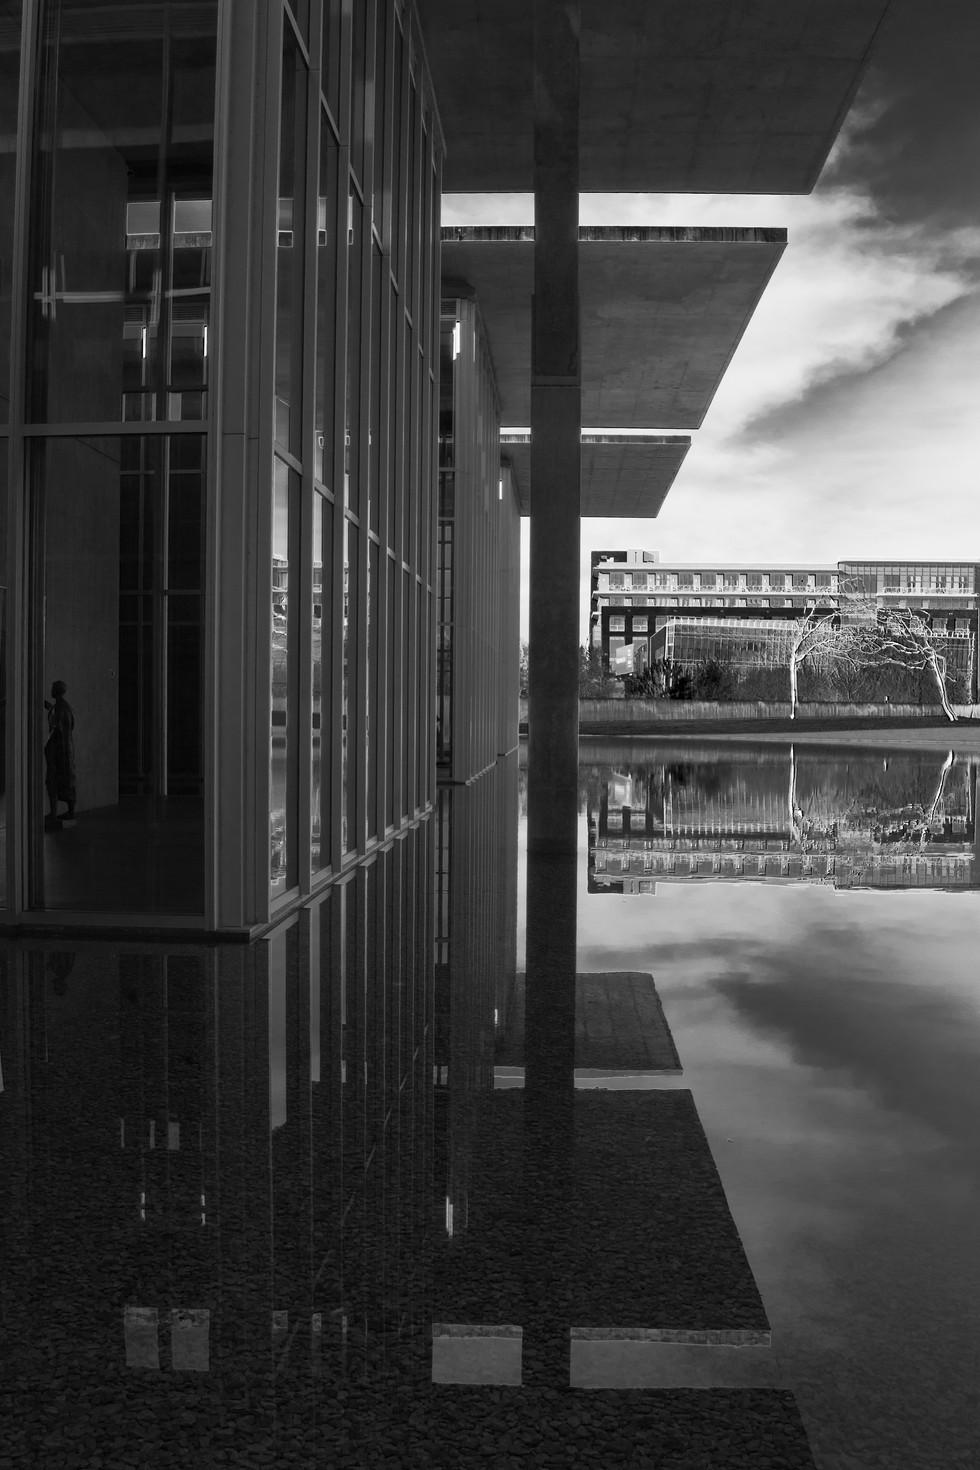 Modern Art Museum, Tx, USA